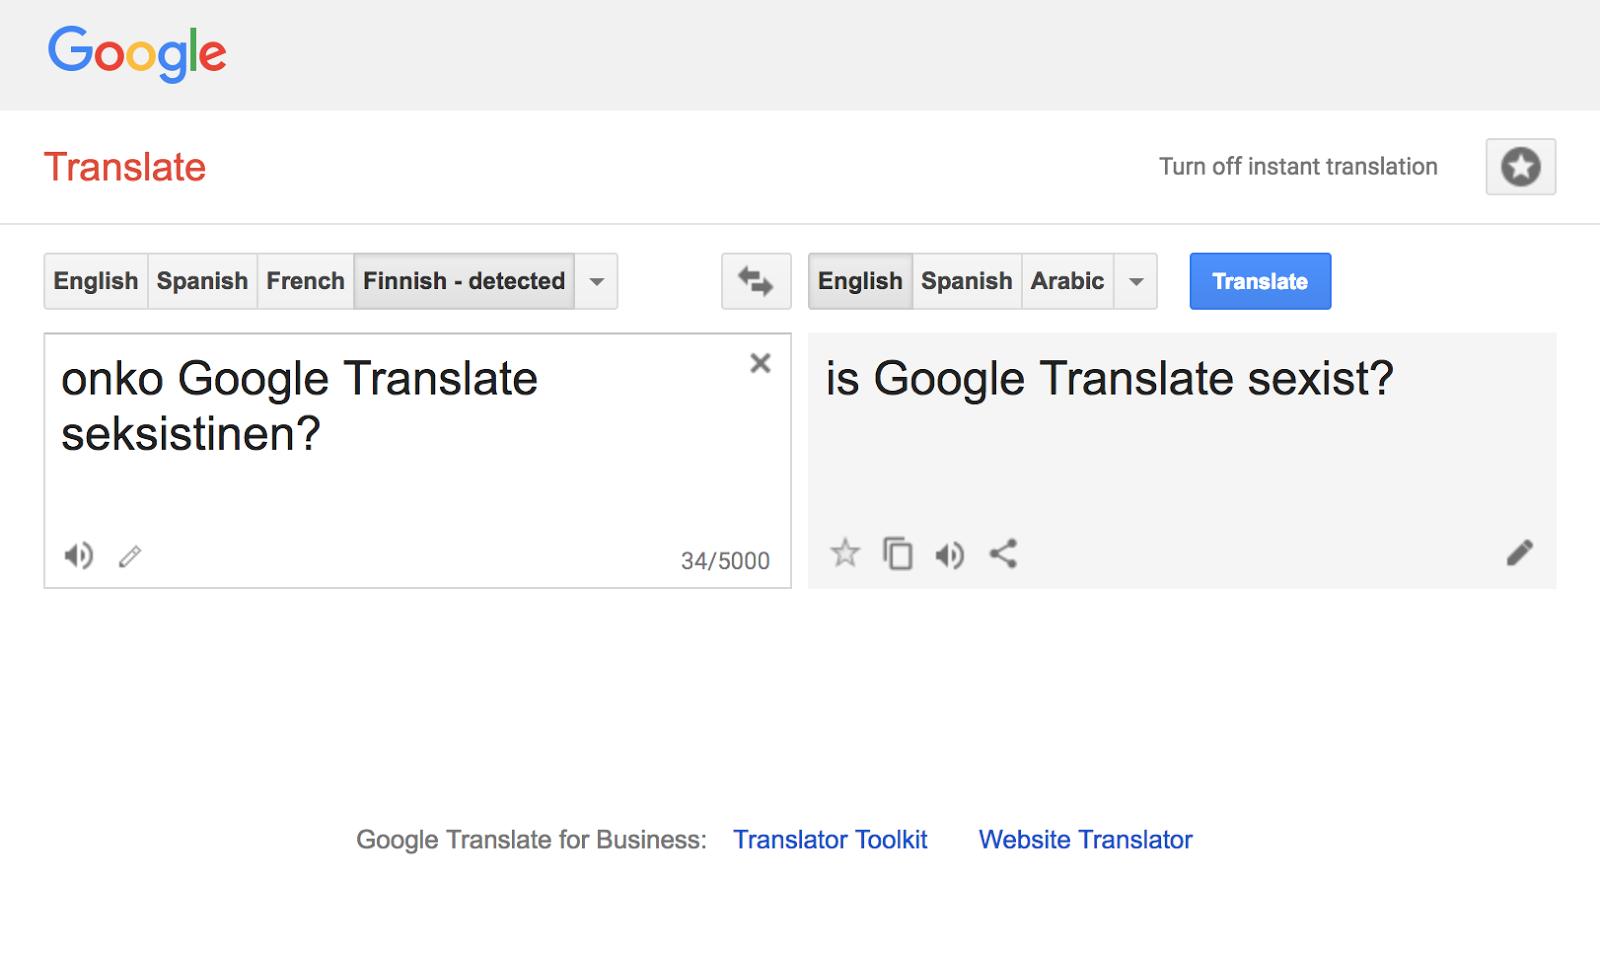 Kääntäjä